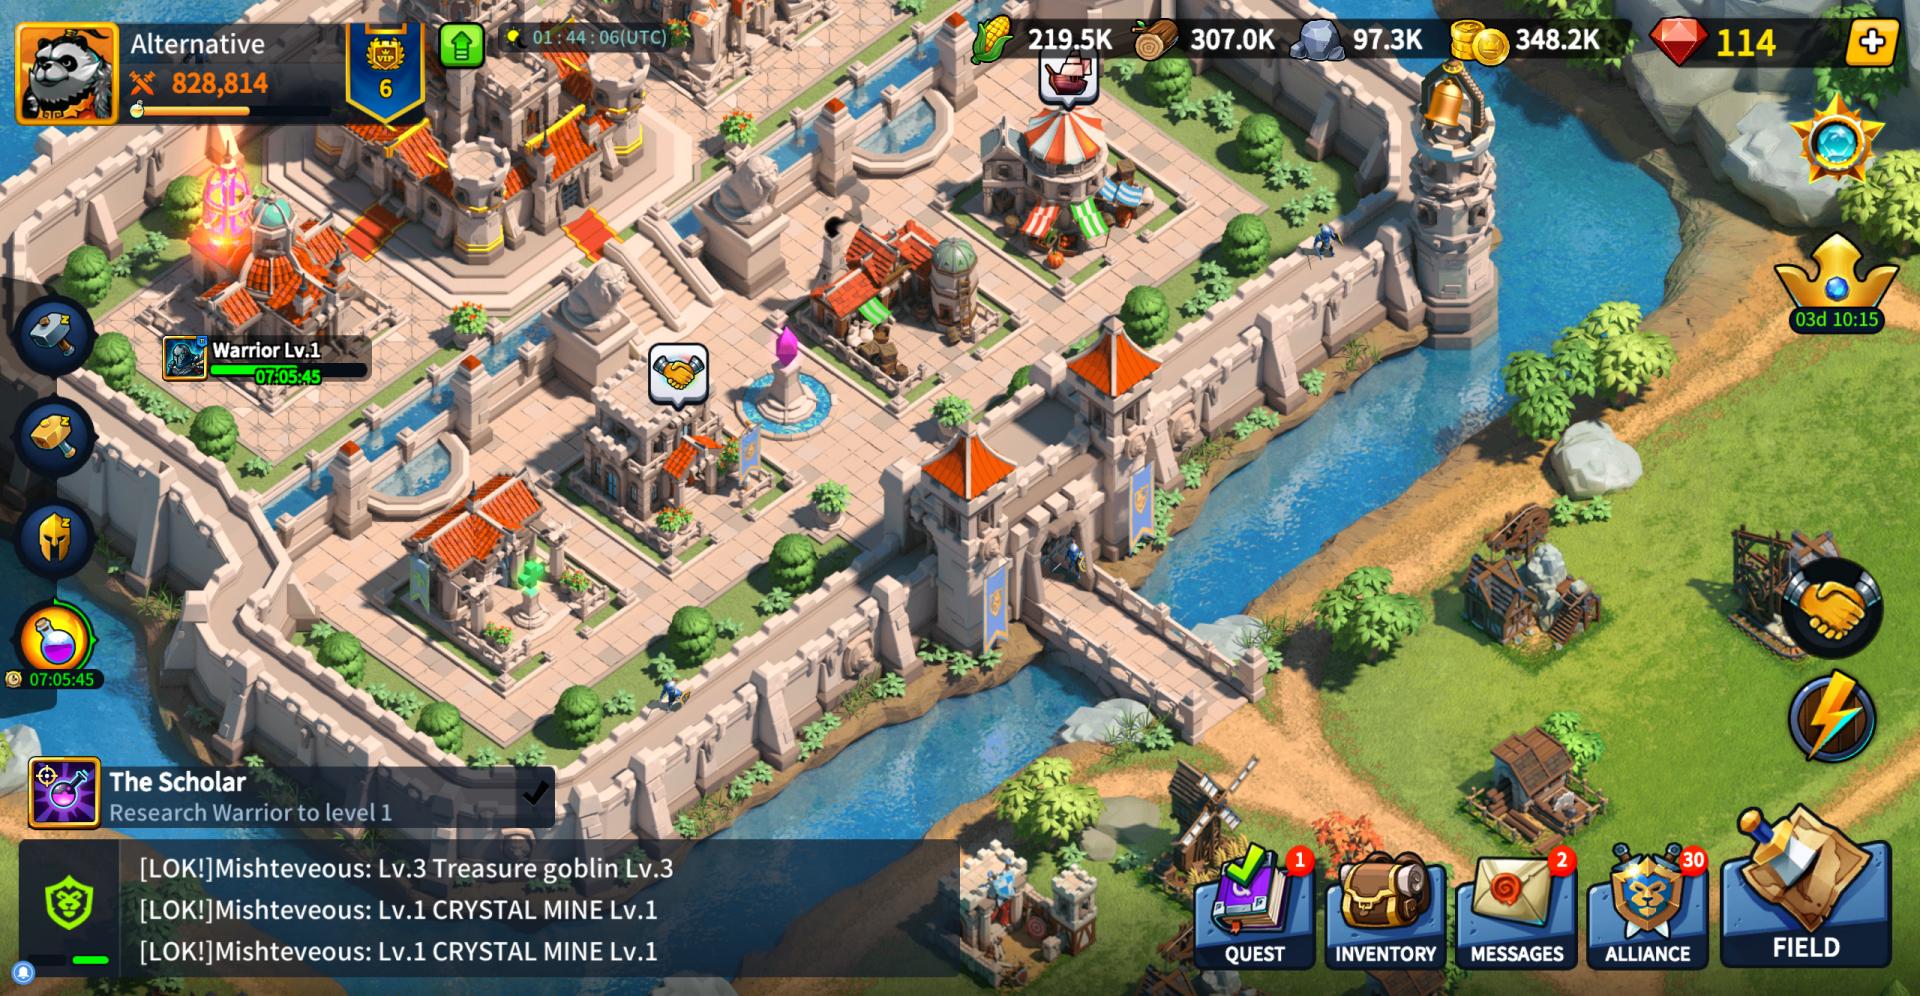 League of Kingdoms MMO